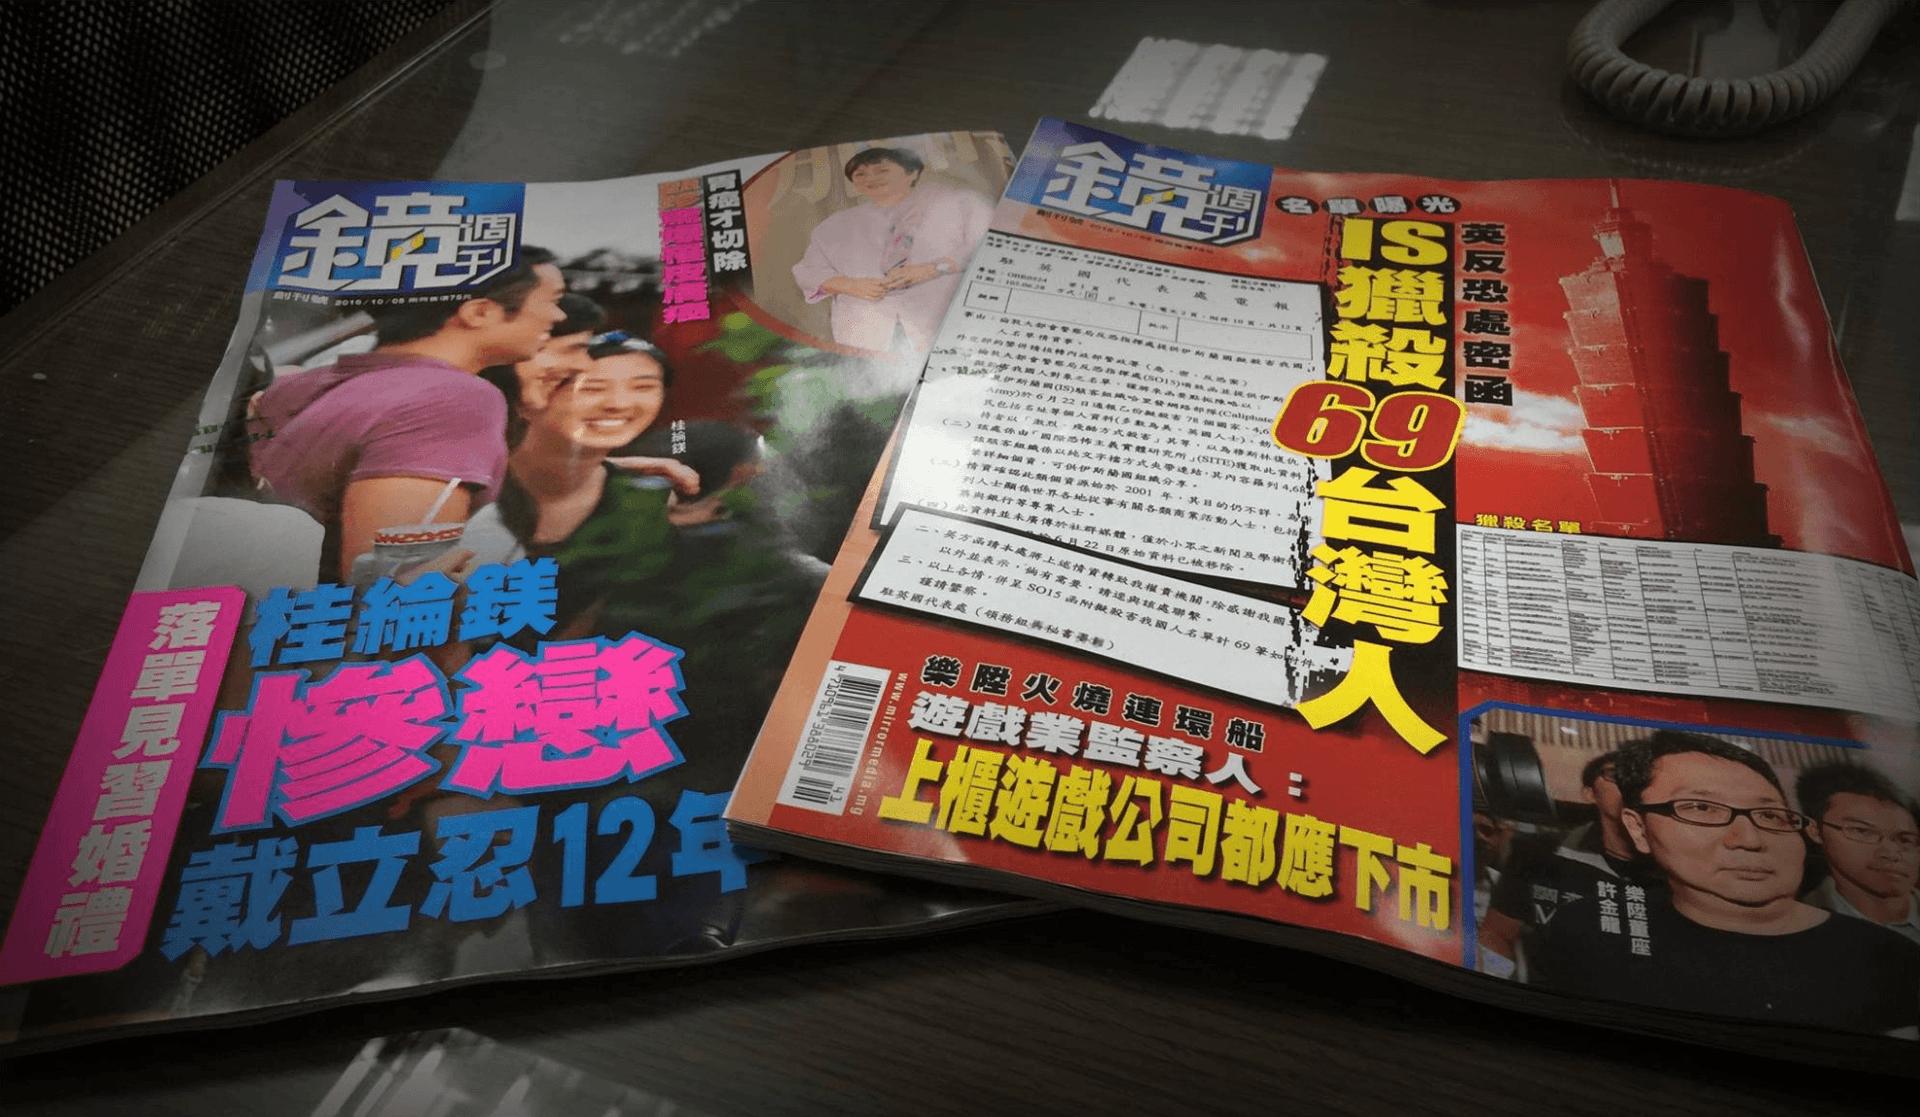 〈鏡週刊〉的排版設計與〈壹週刊〉非常相像。圖片來源:黃暐瀚/Facebook